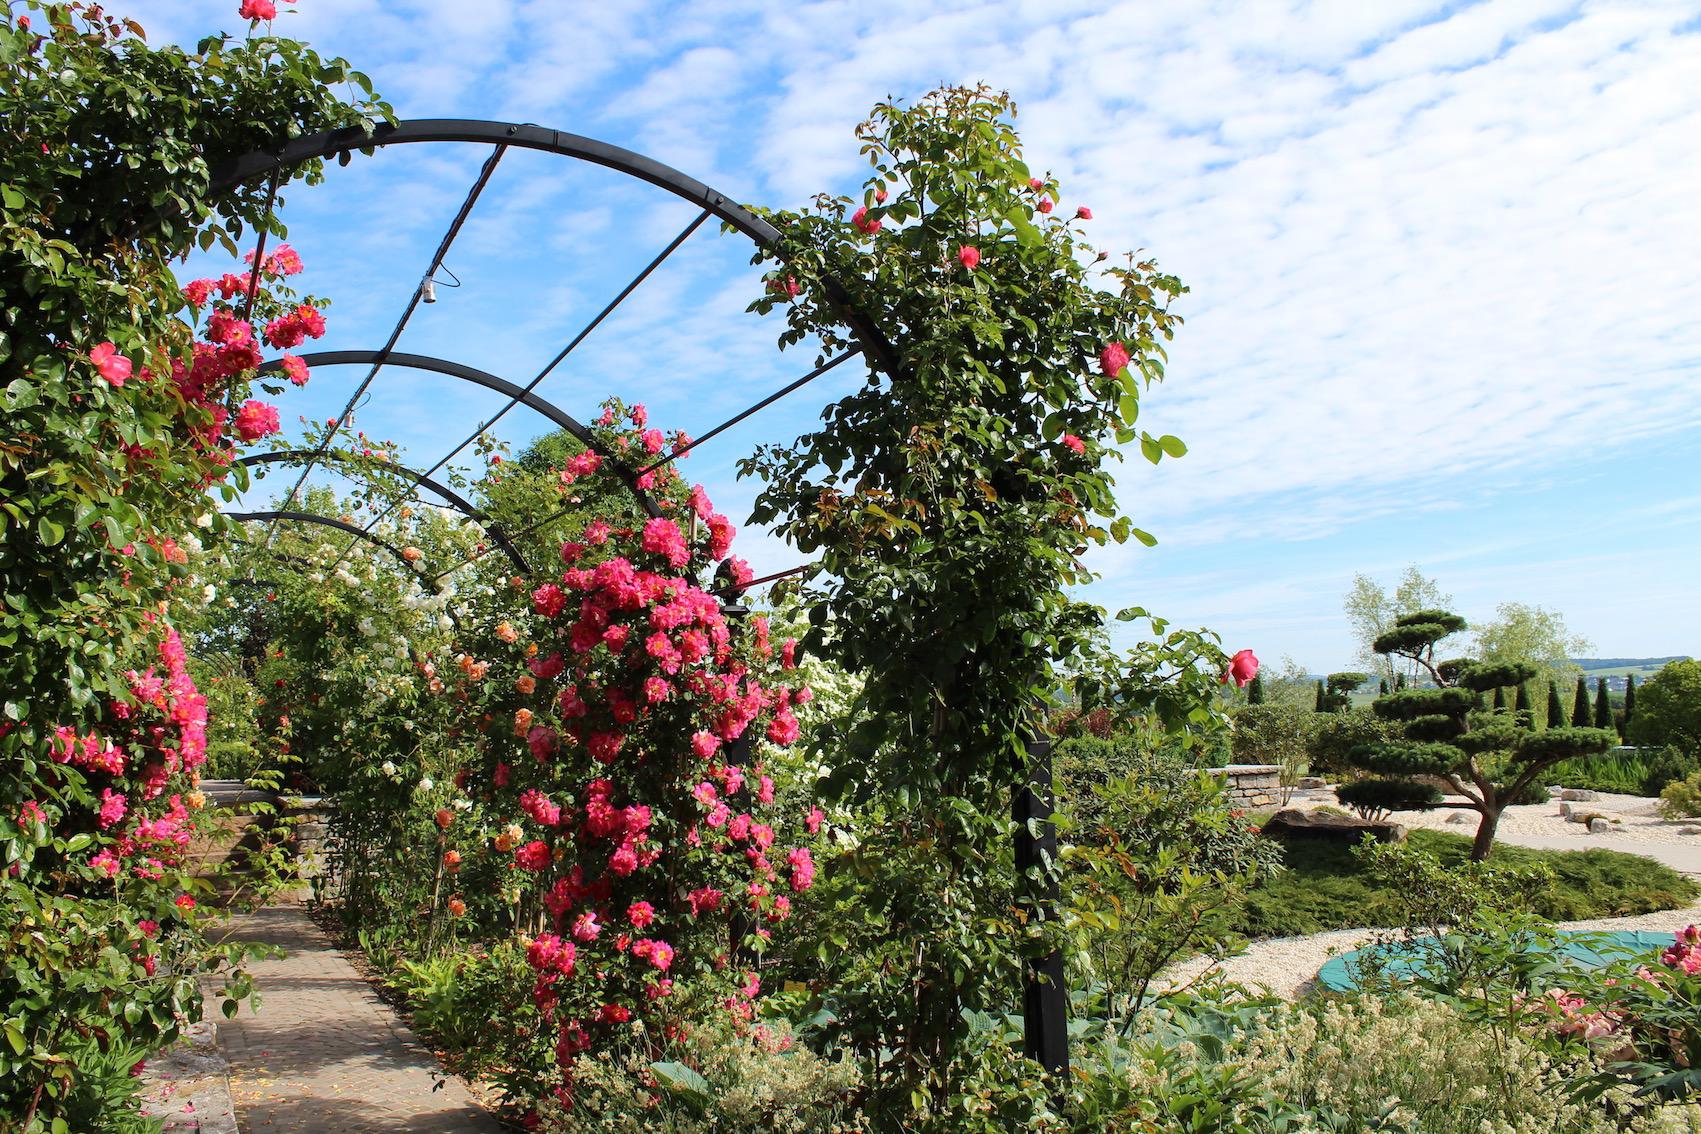 Laubengang nicht vollständig bewachsen im japanischen Garten